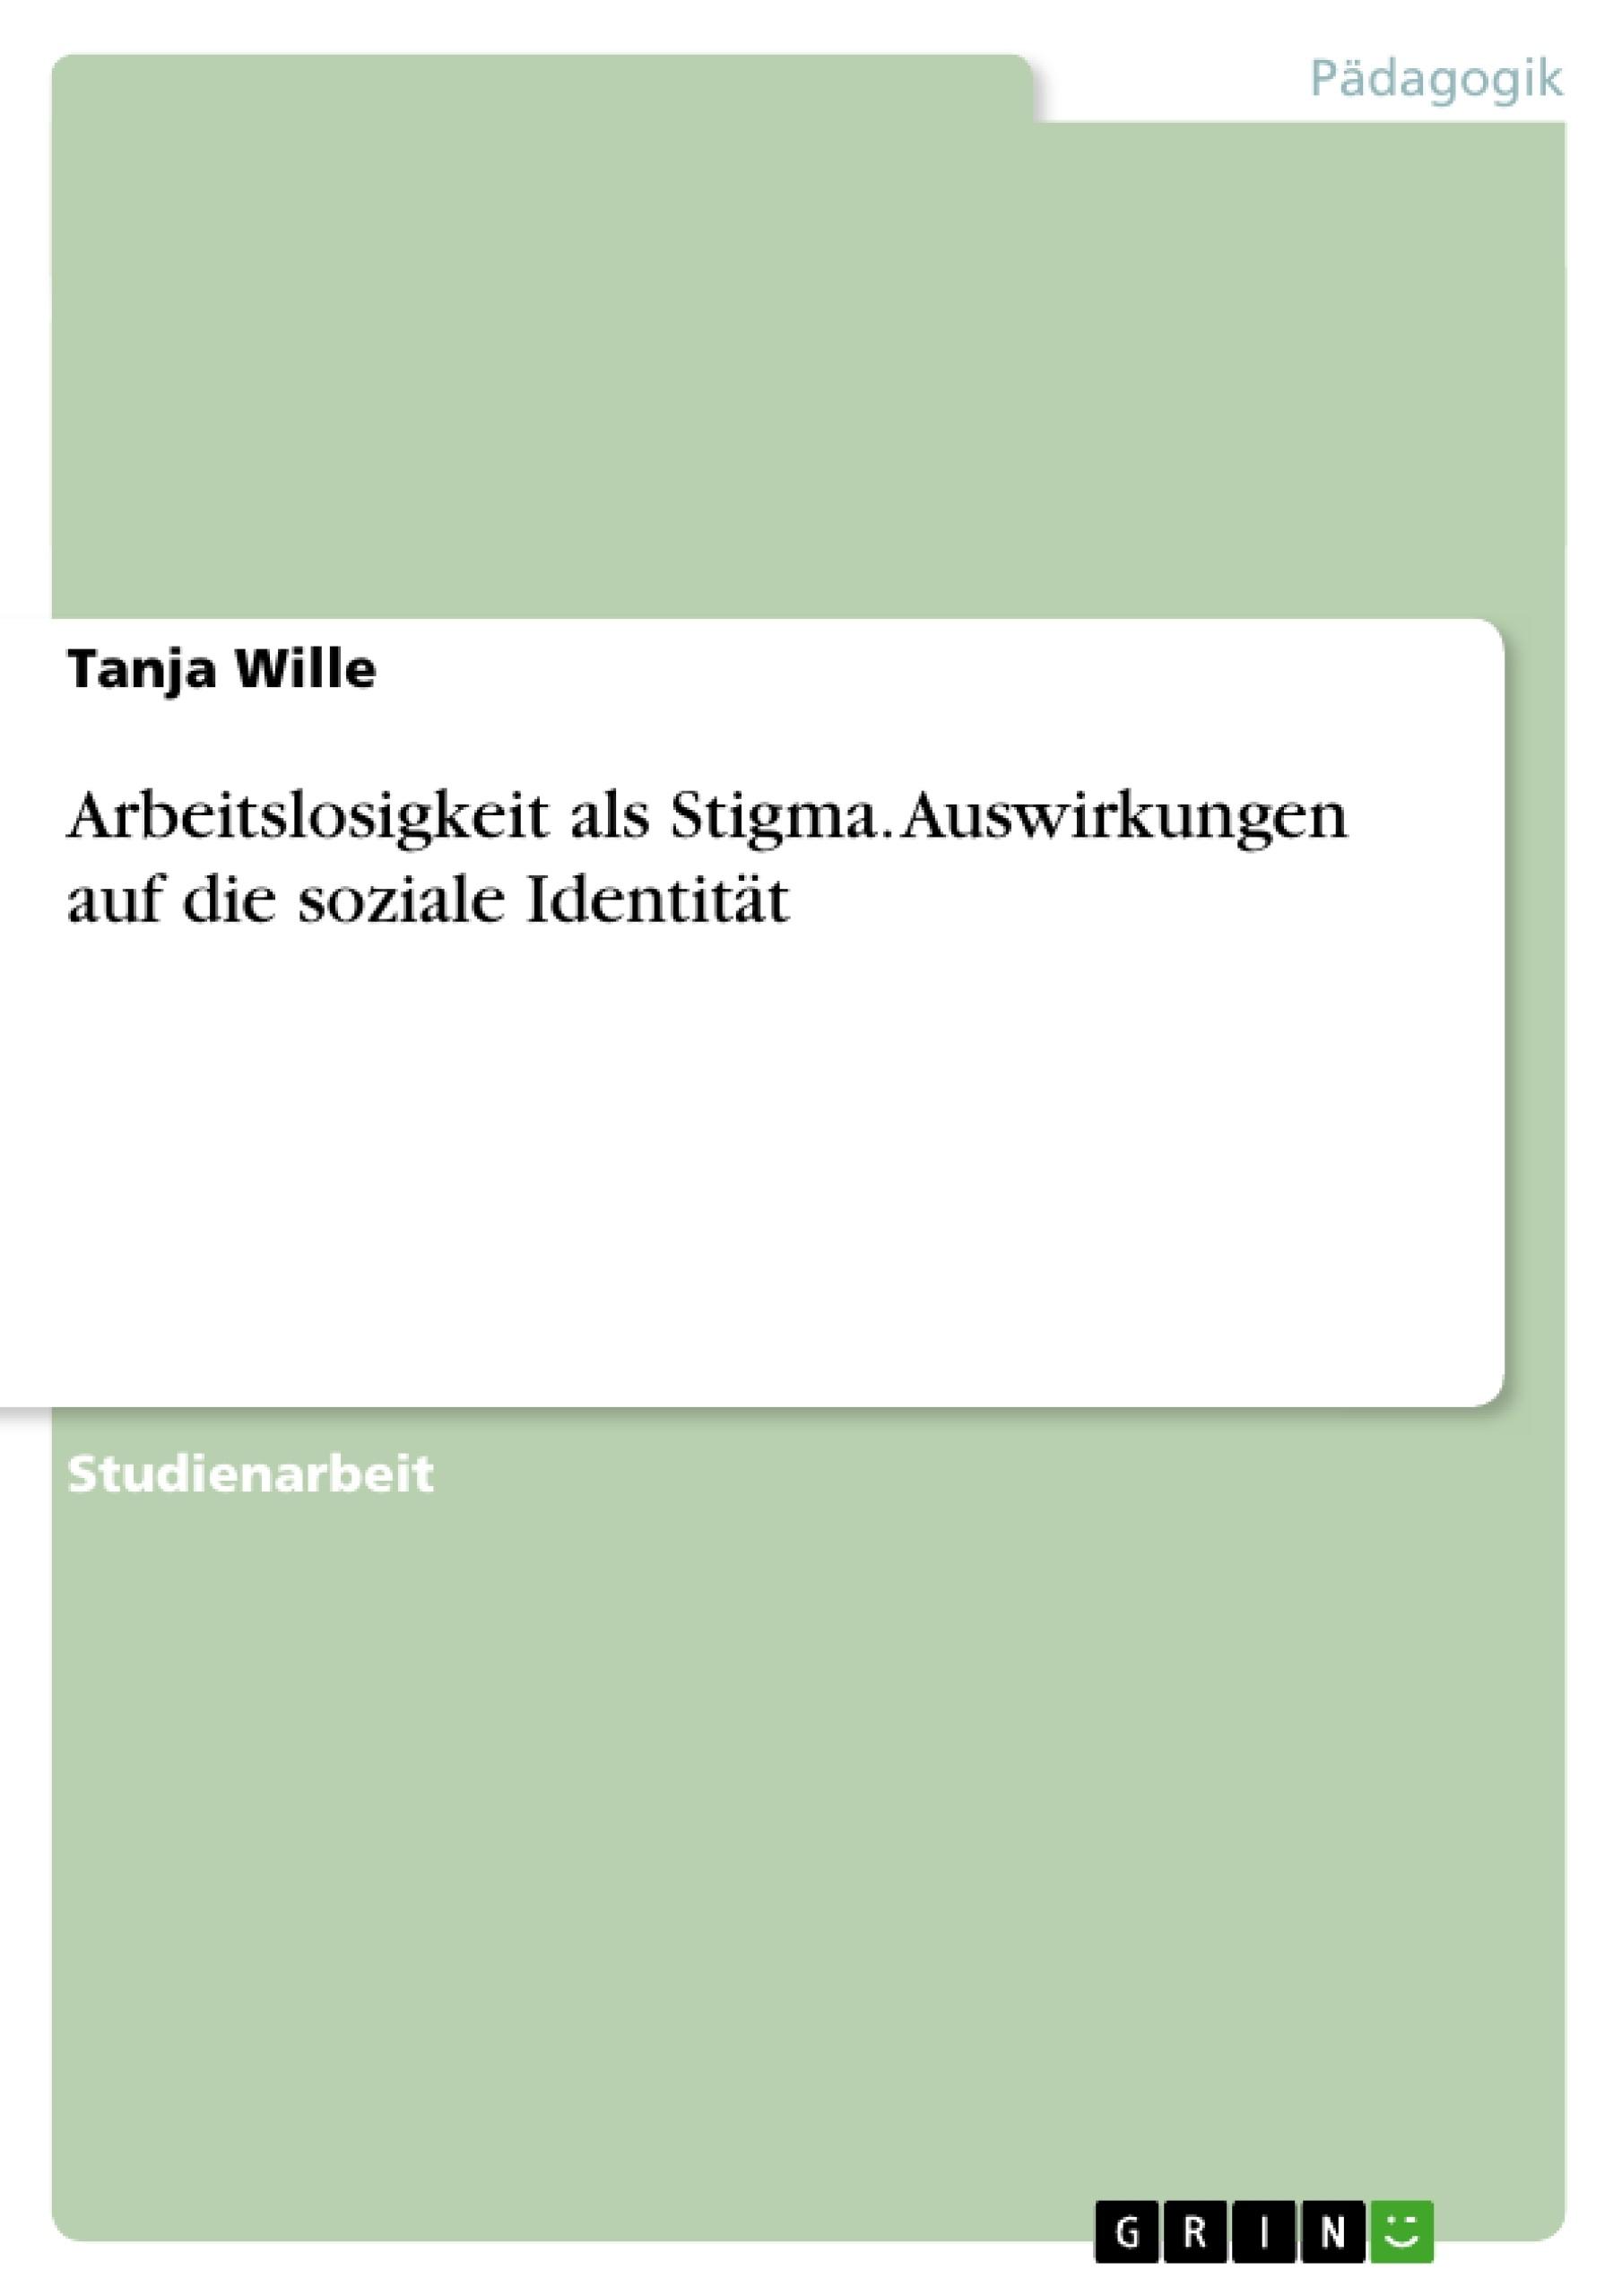 Titel: Arbeitslosigkeit als Stigma. Auswirkungen auf die soziale Identität